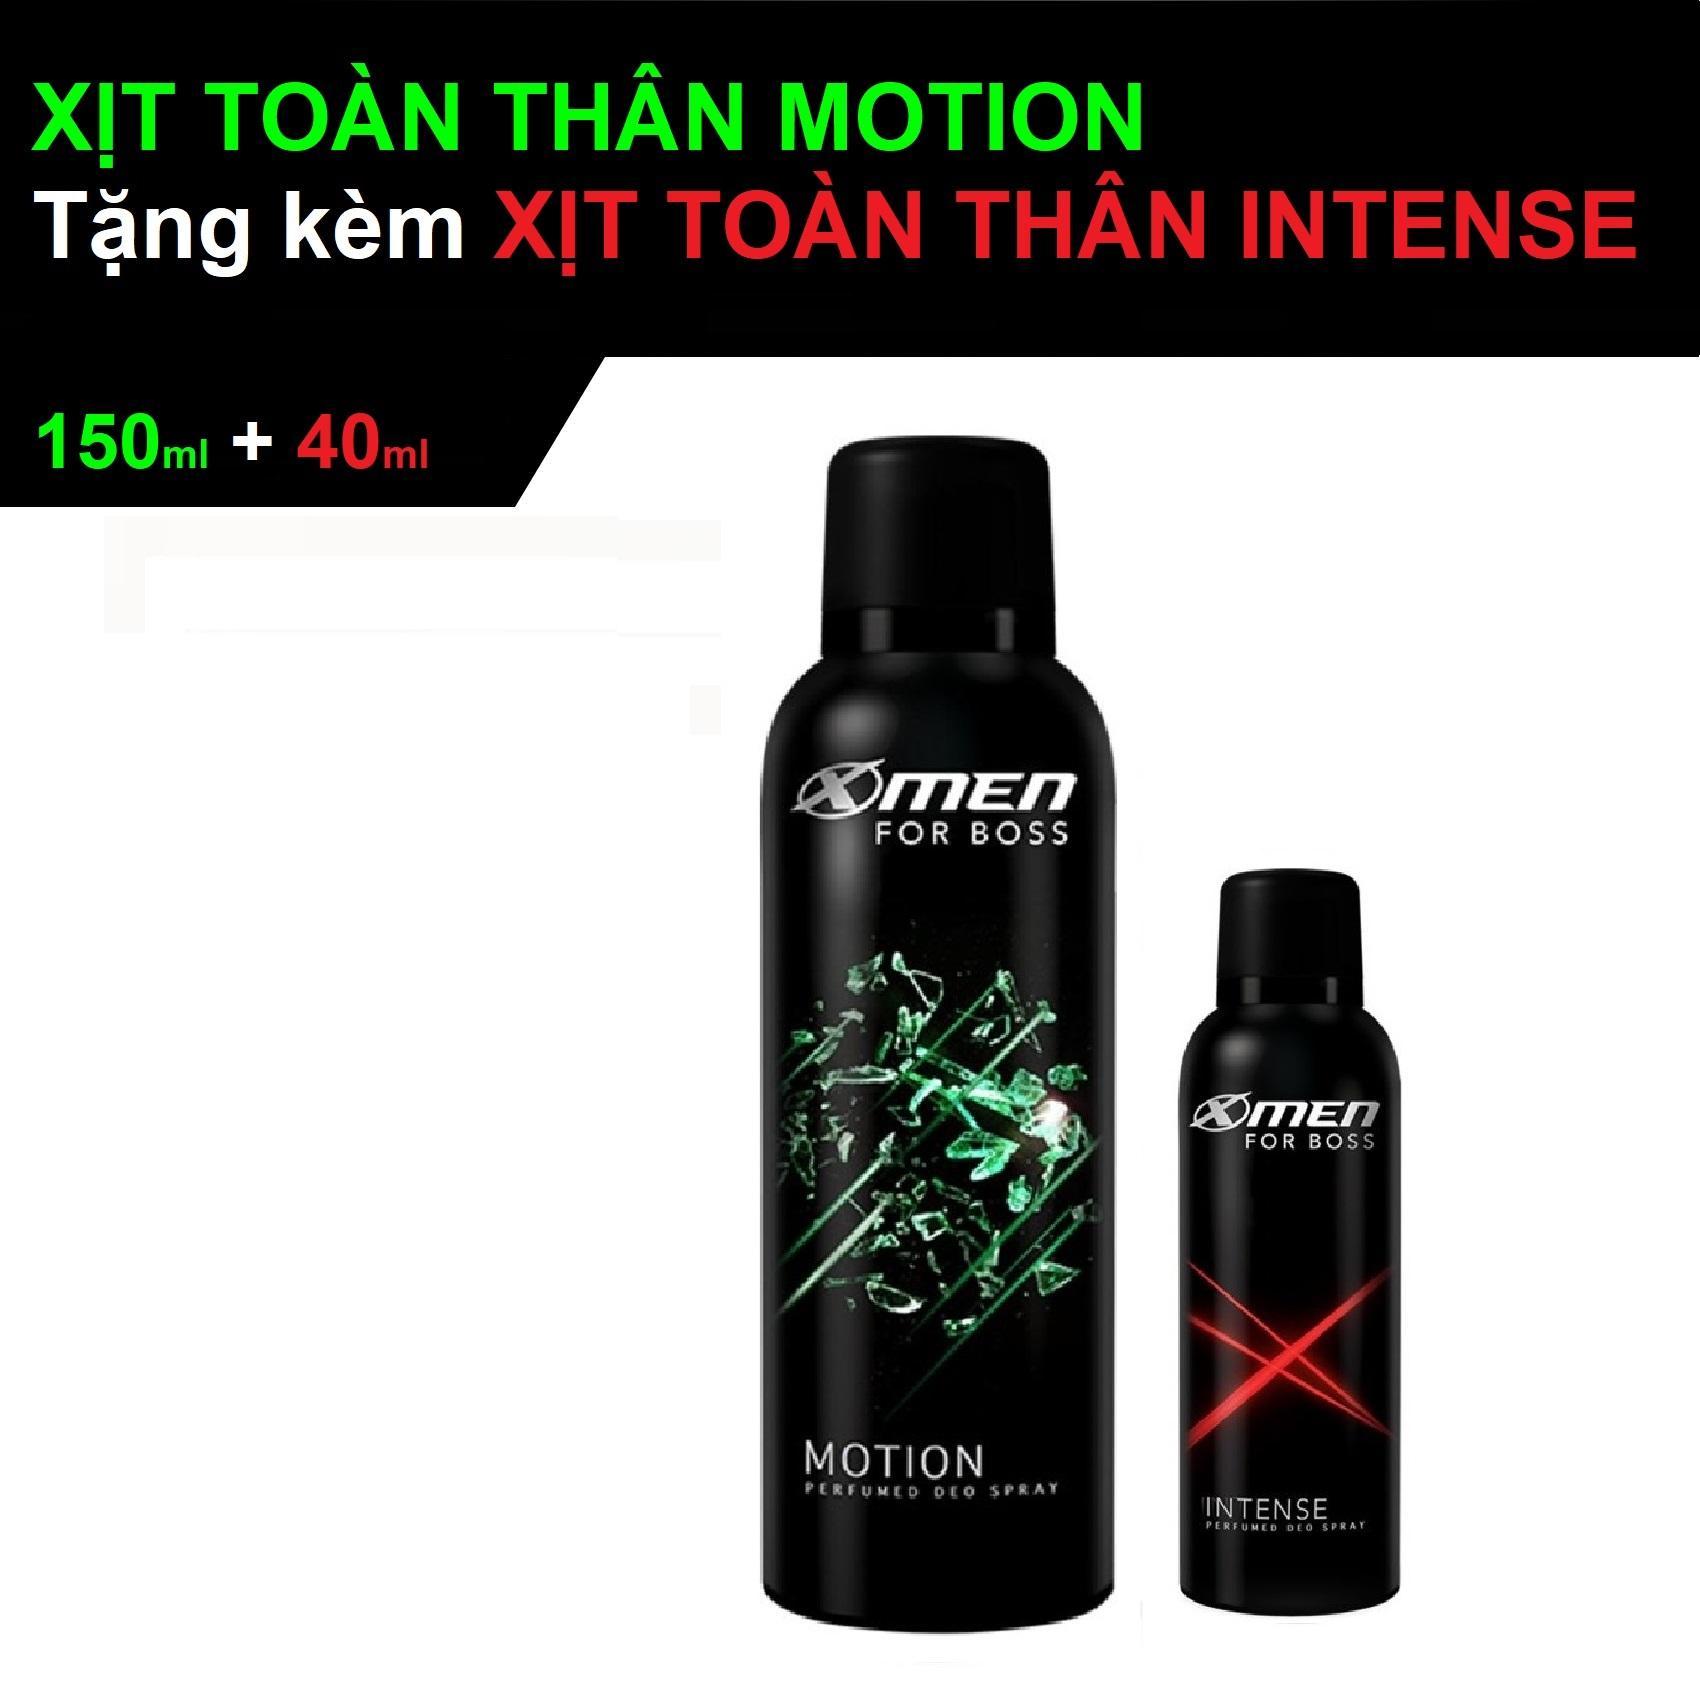 Xịt nước hoa Pháp toàn thân body Xmen motion 150ml tặng kèm Xịt Xmen intense 40ml